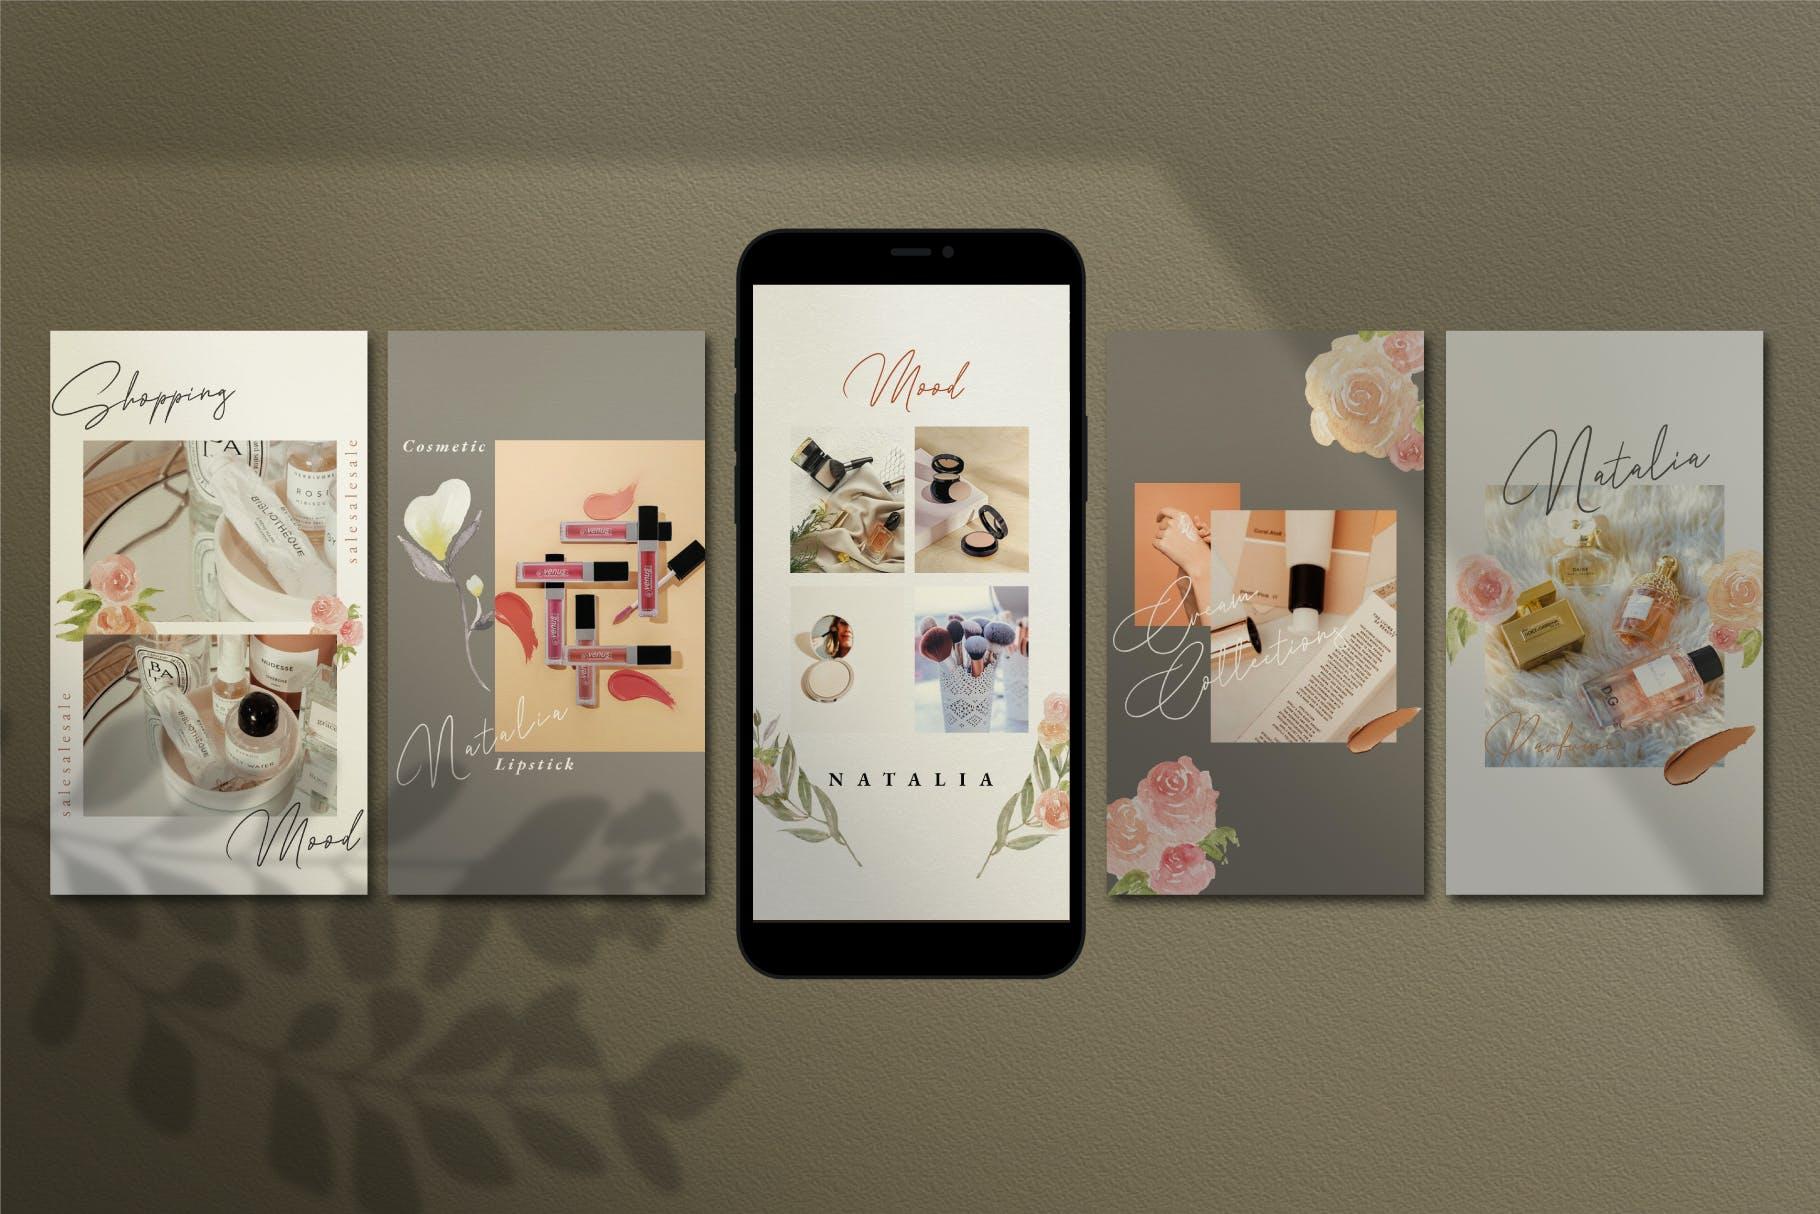 时尚化妆品品牌推广新媒体电商海报设计模板 Natalia – Instagram Post and Stories插图(5)